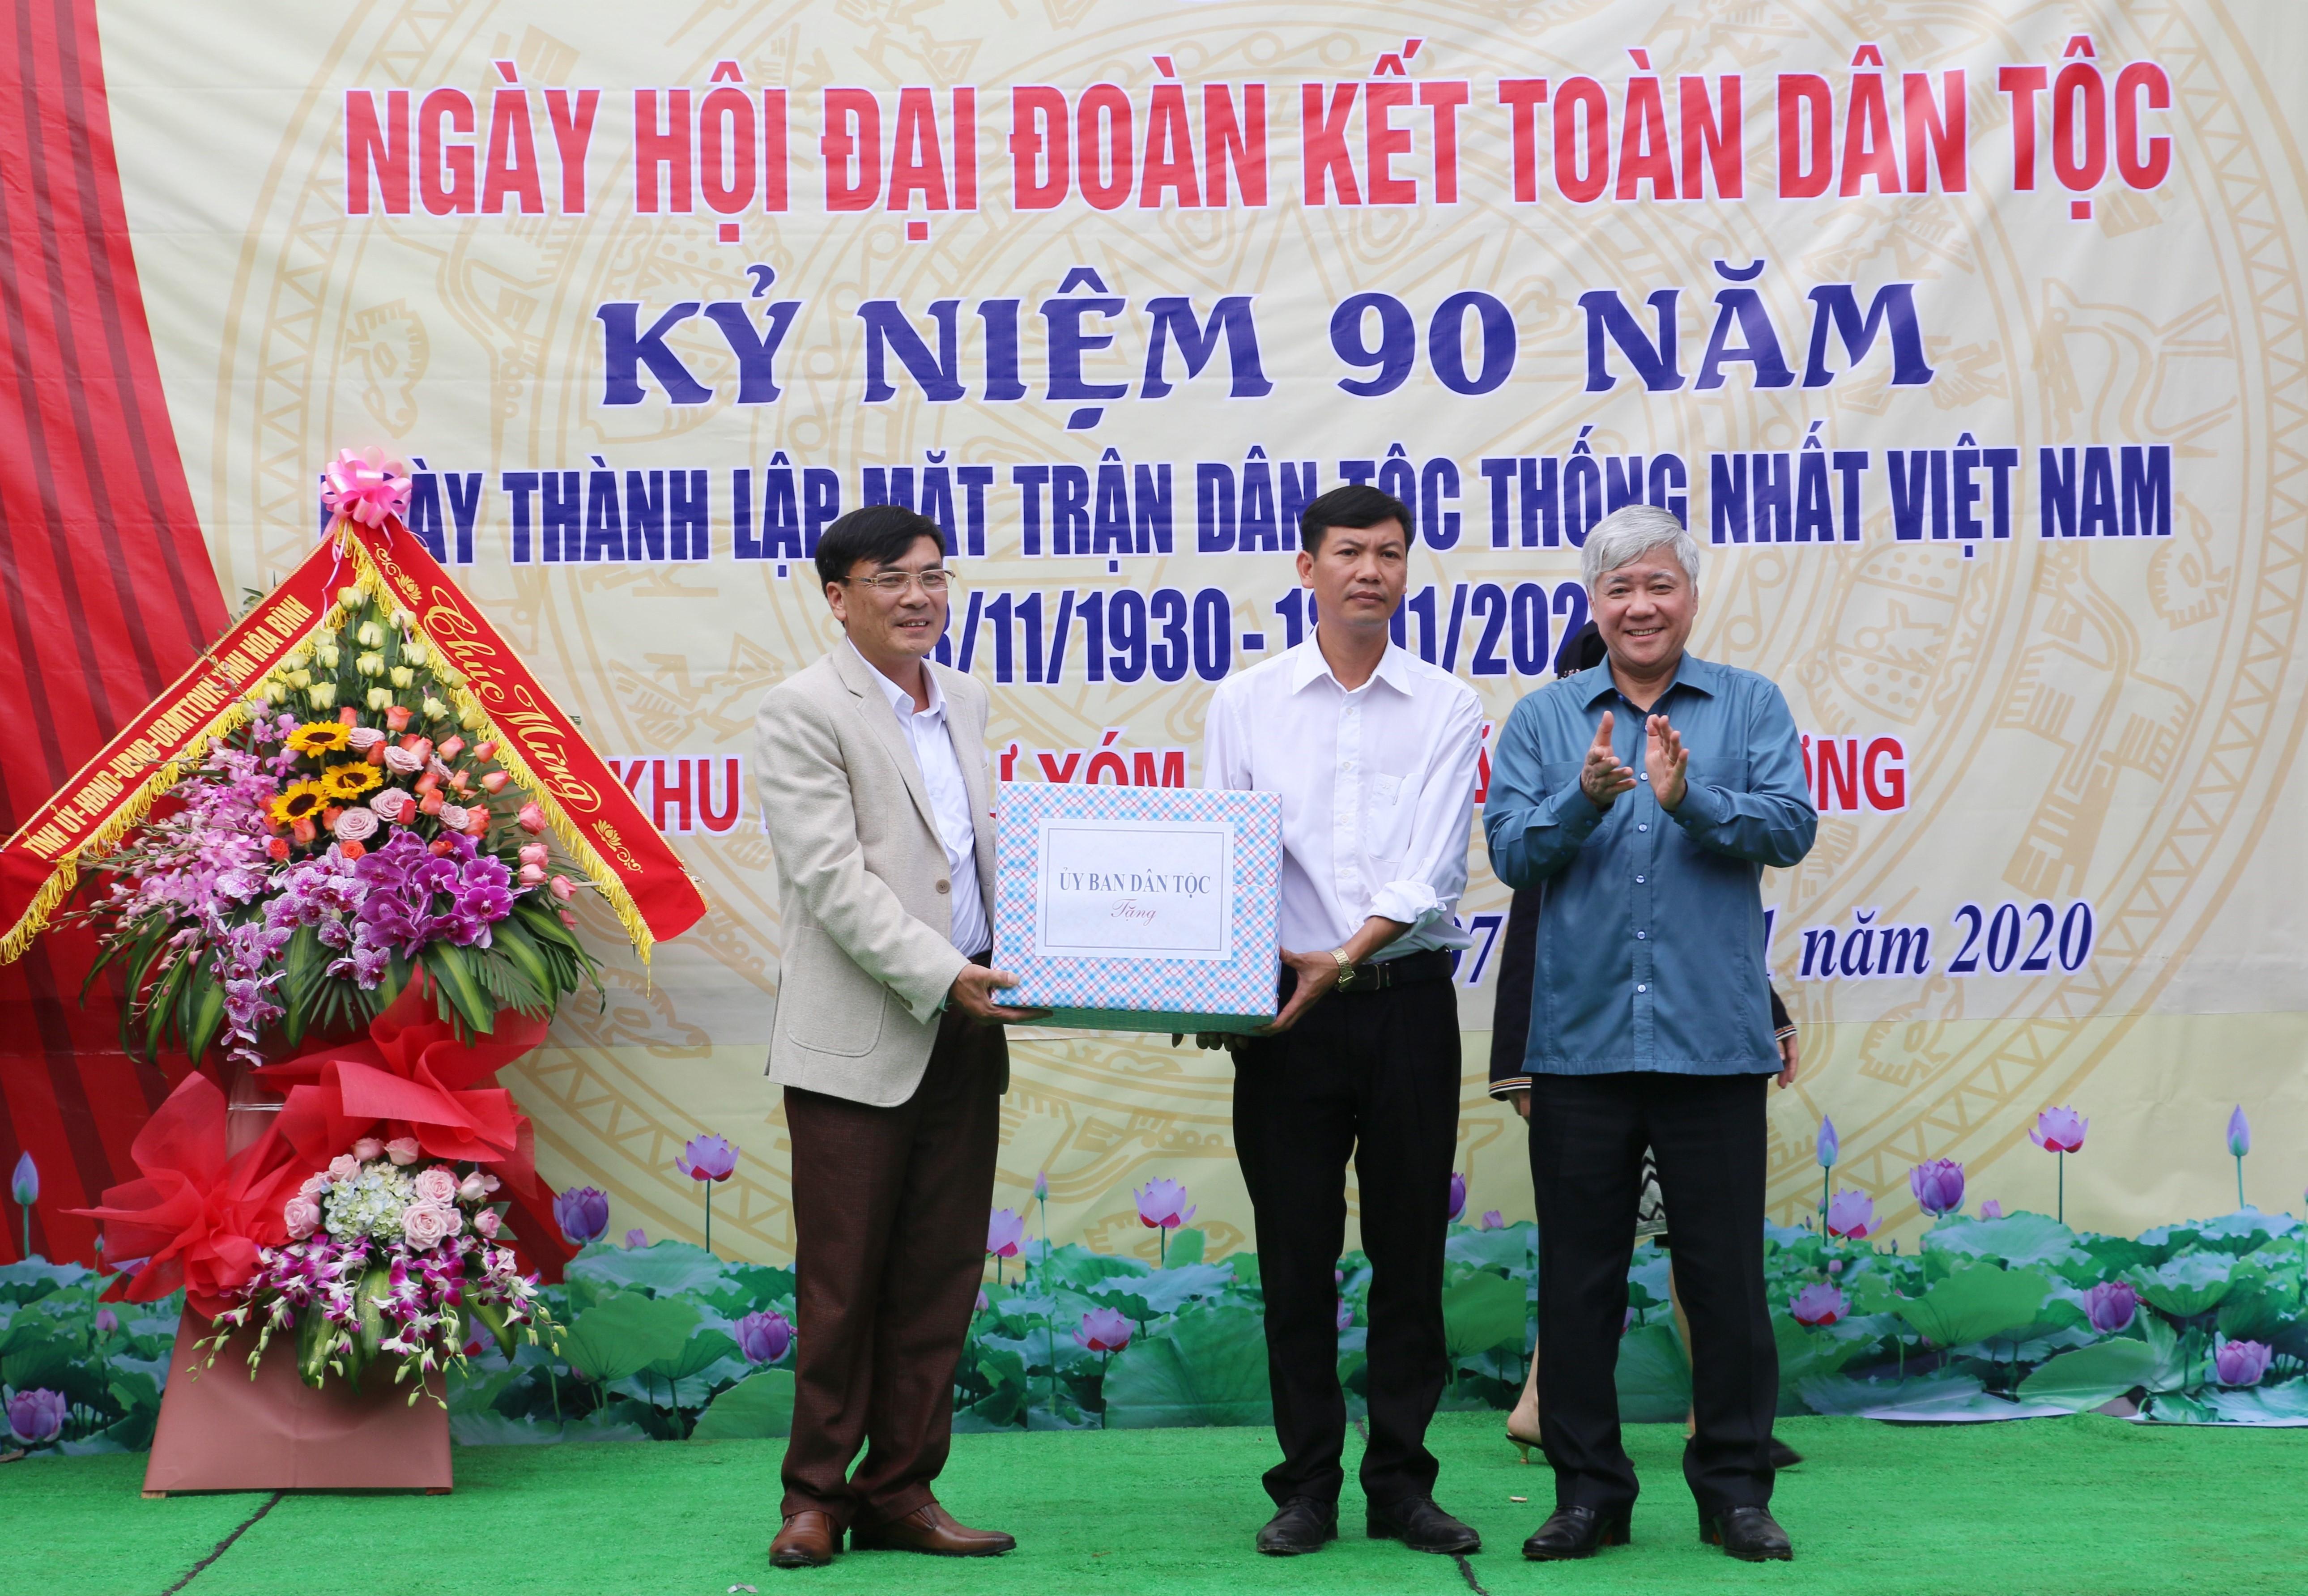 Bộ trưởng, Chủ nhiệm UBDT Đỗ Văn Chiến tặng quà cho UBND xã Hiền Lương